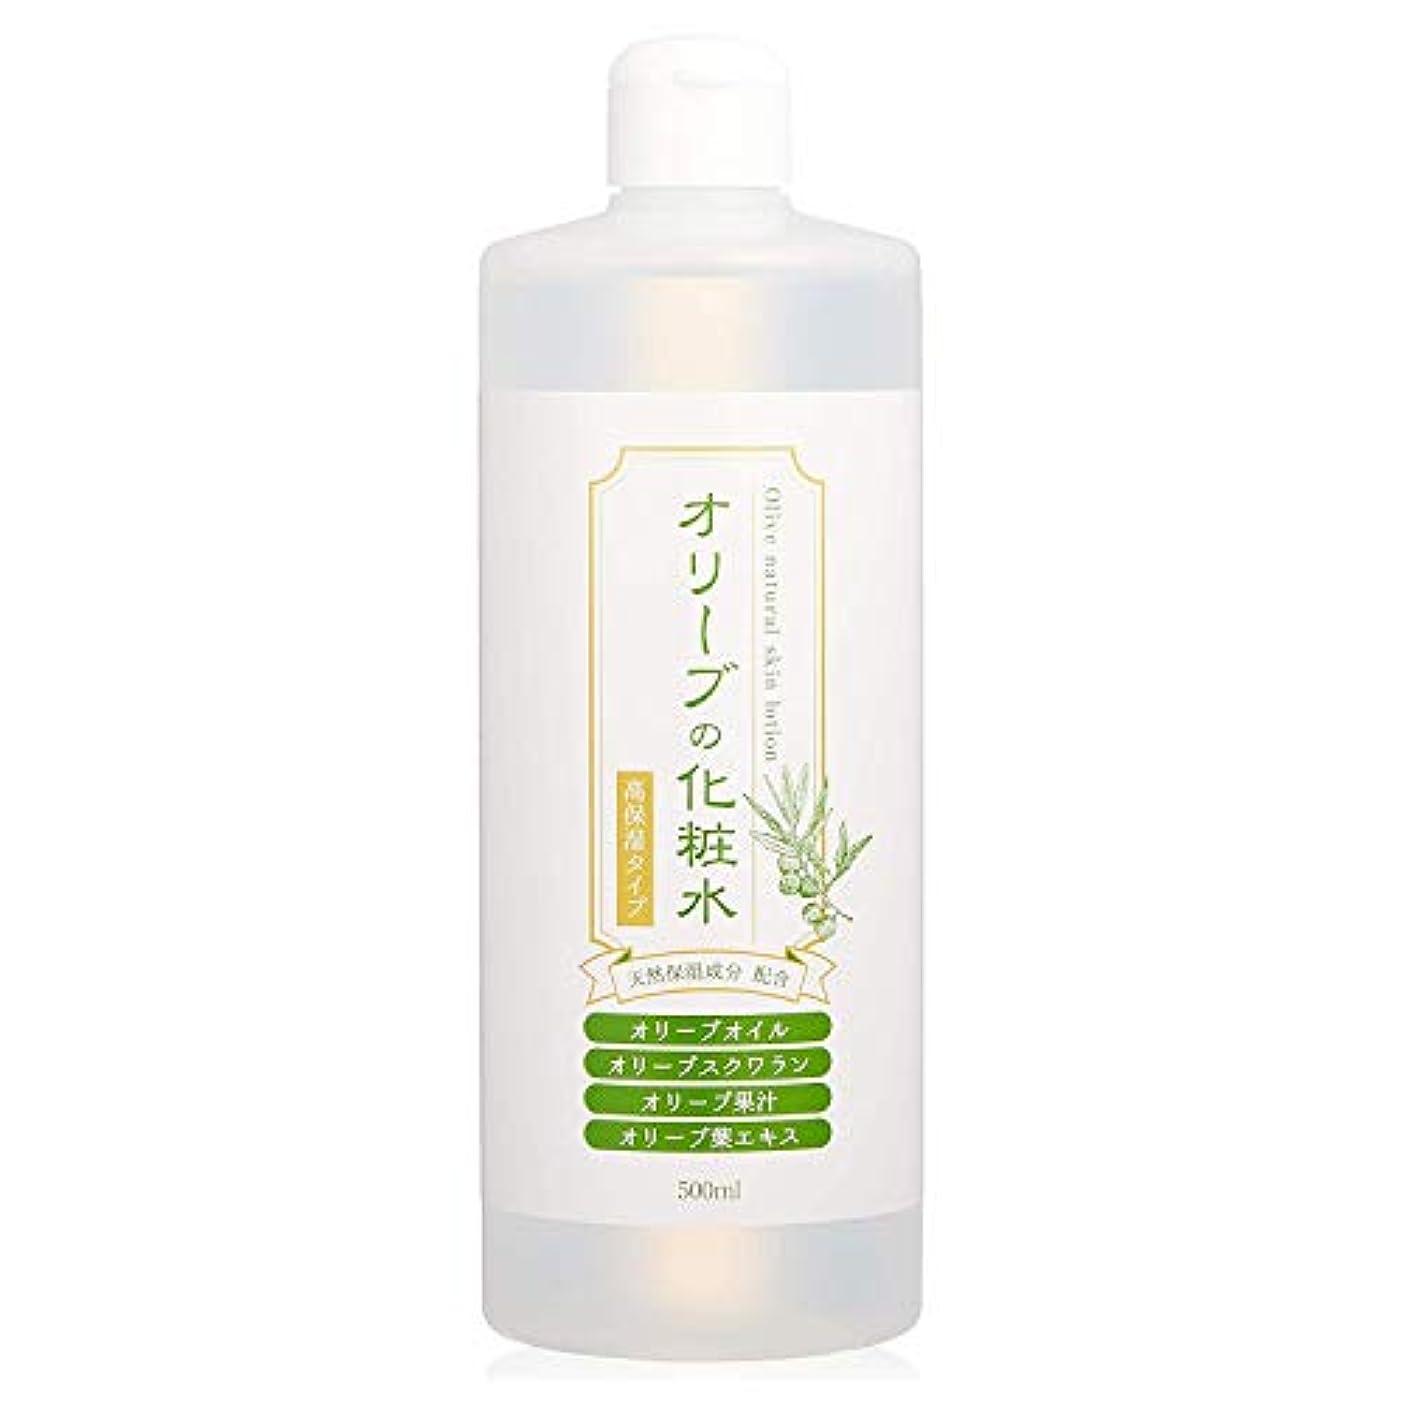 変化するコール電話に出る日本オリーブ オリーブクリアローション 〈オリーブの化粧水〉 (500mL)